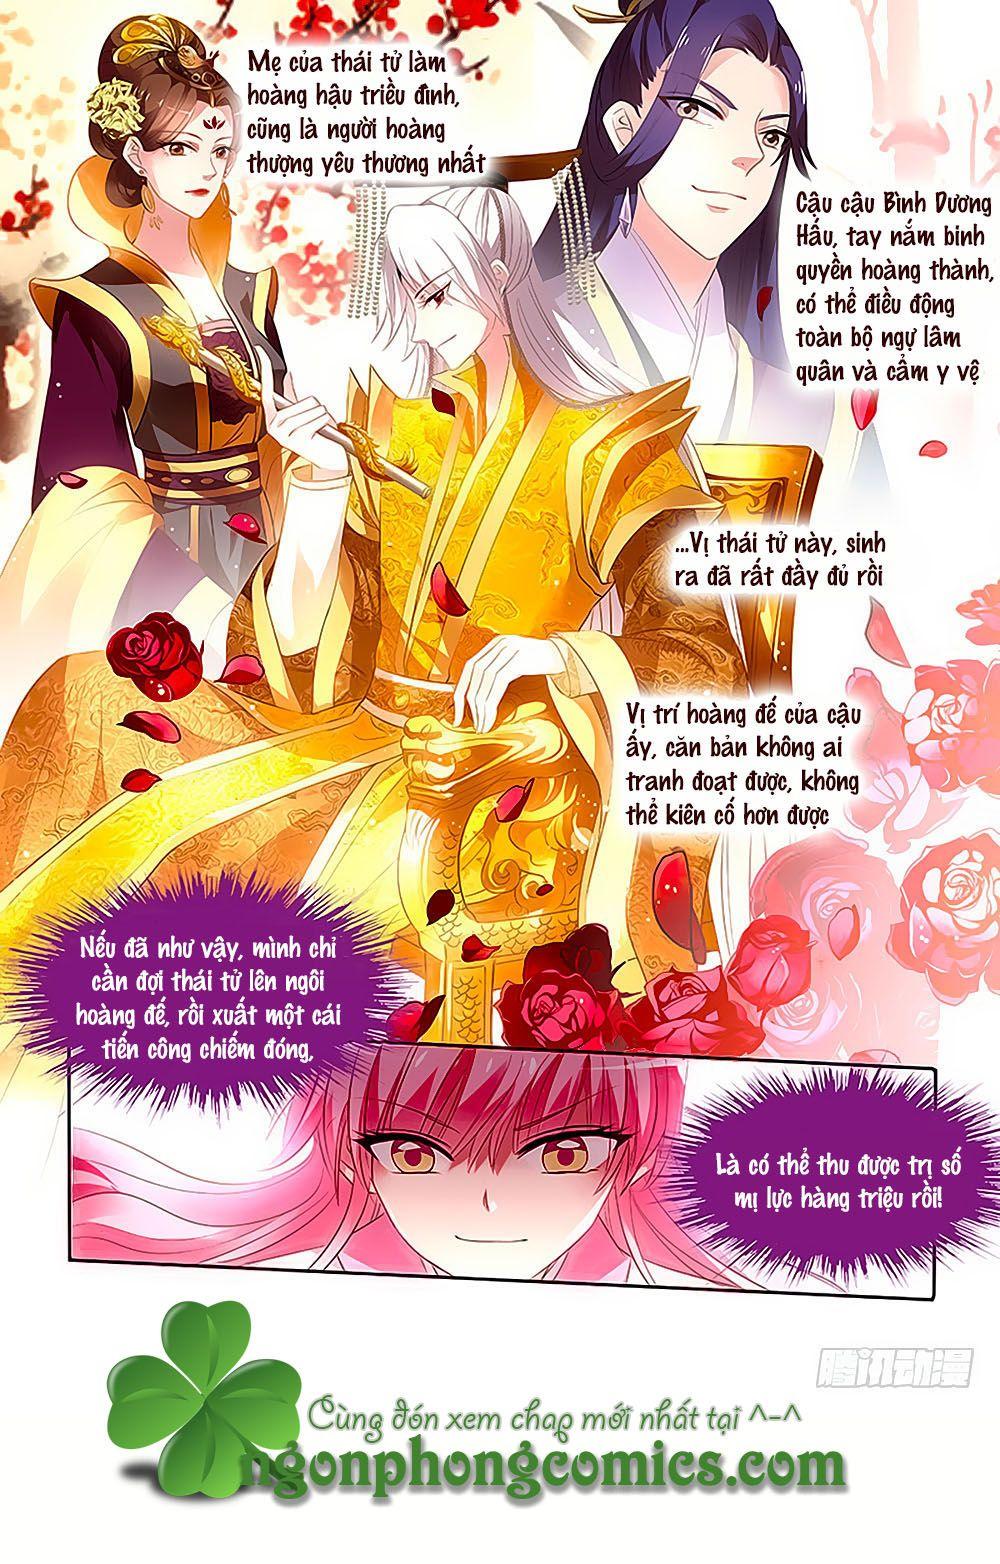 Hệ Thống Chế Tạo Nữ Thần chap 92 - Trang 8